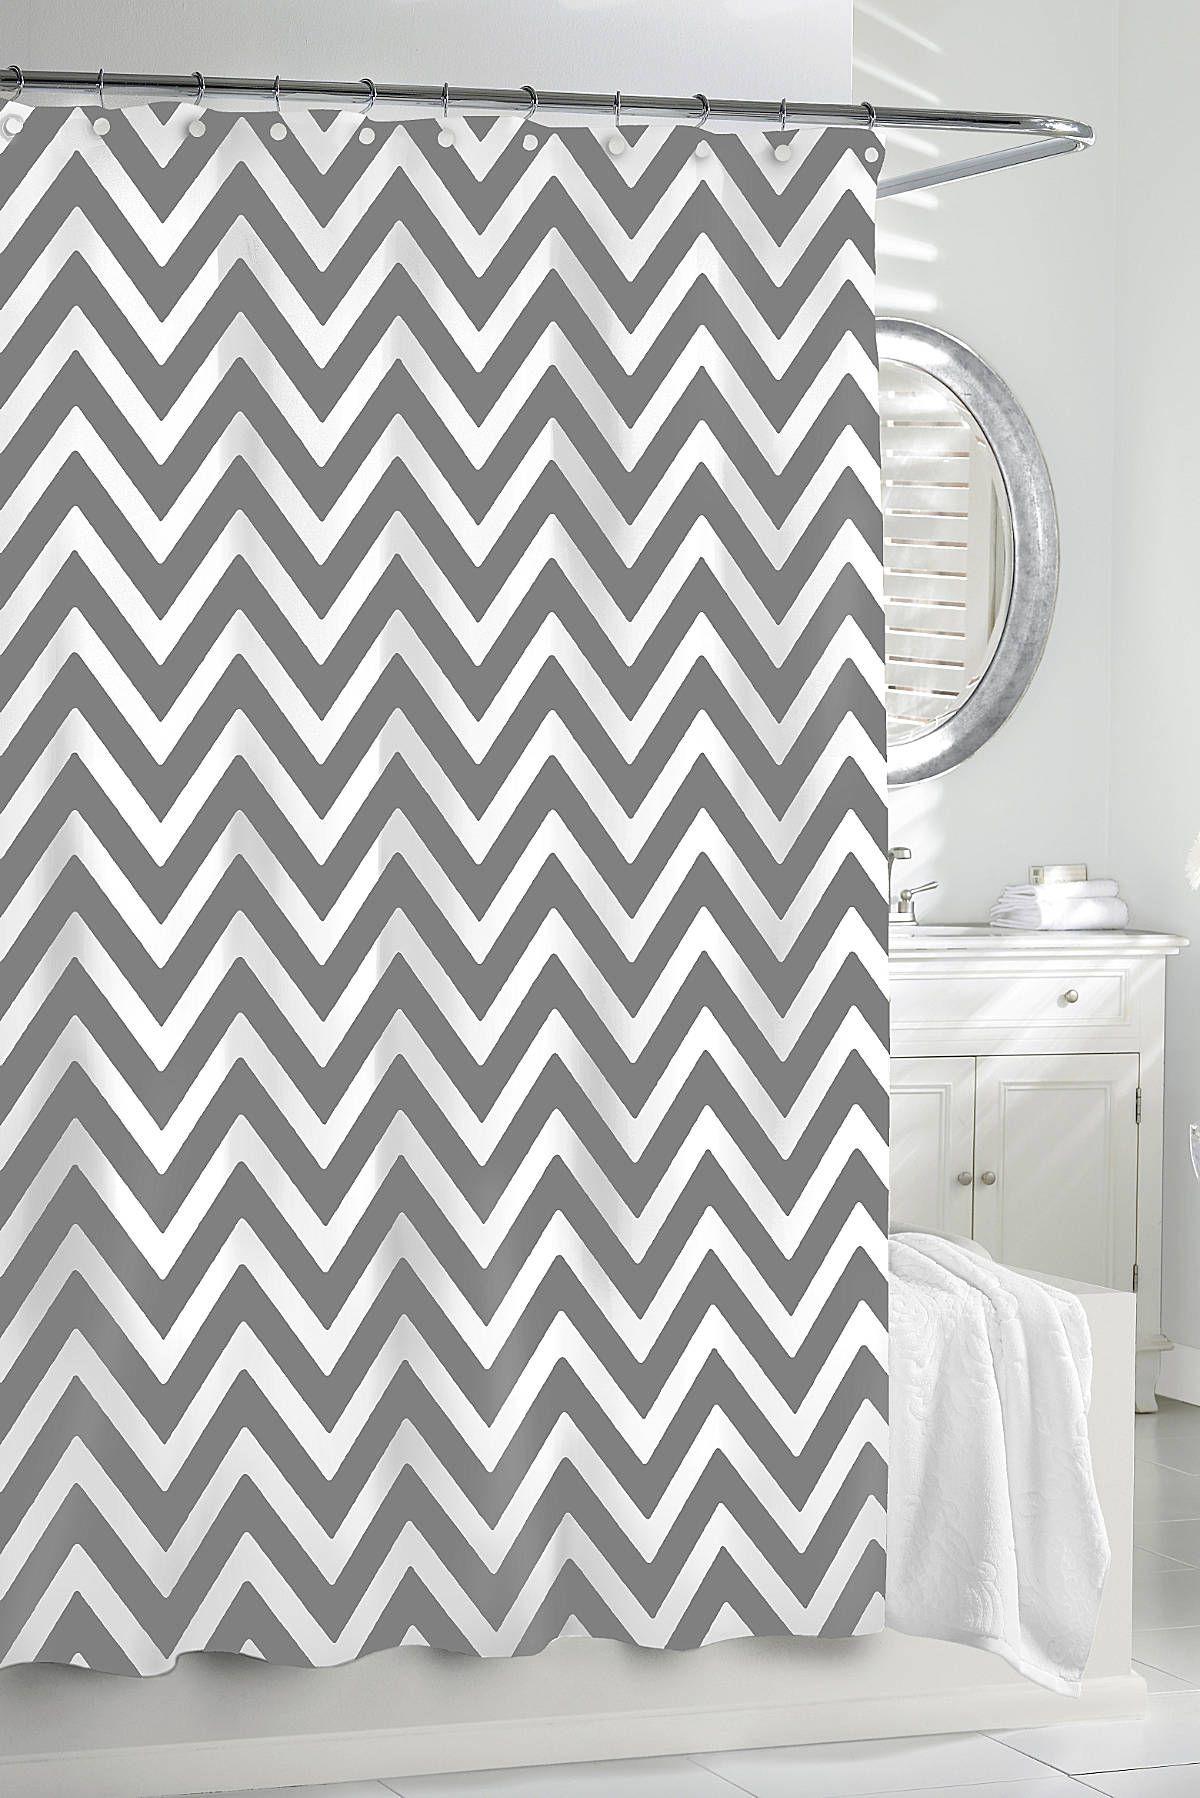 Nice Gray And White Chevron Shower Curtain Part - 1: Kassatex Chevron Shower Curtain - Gracious Home